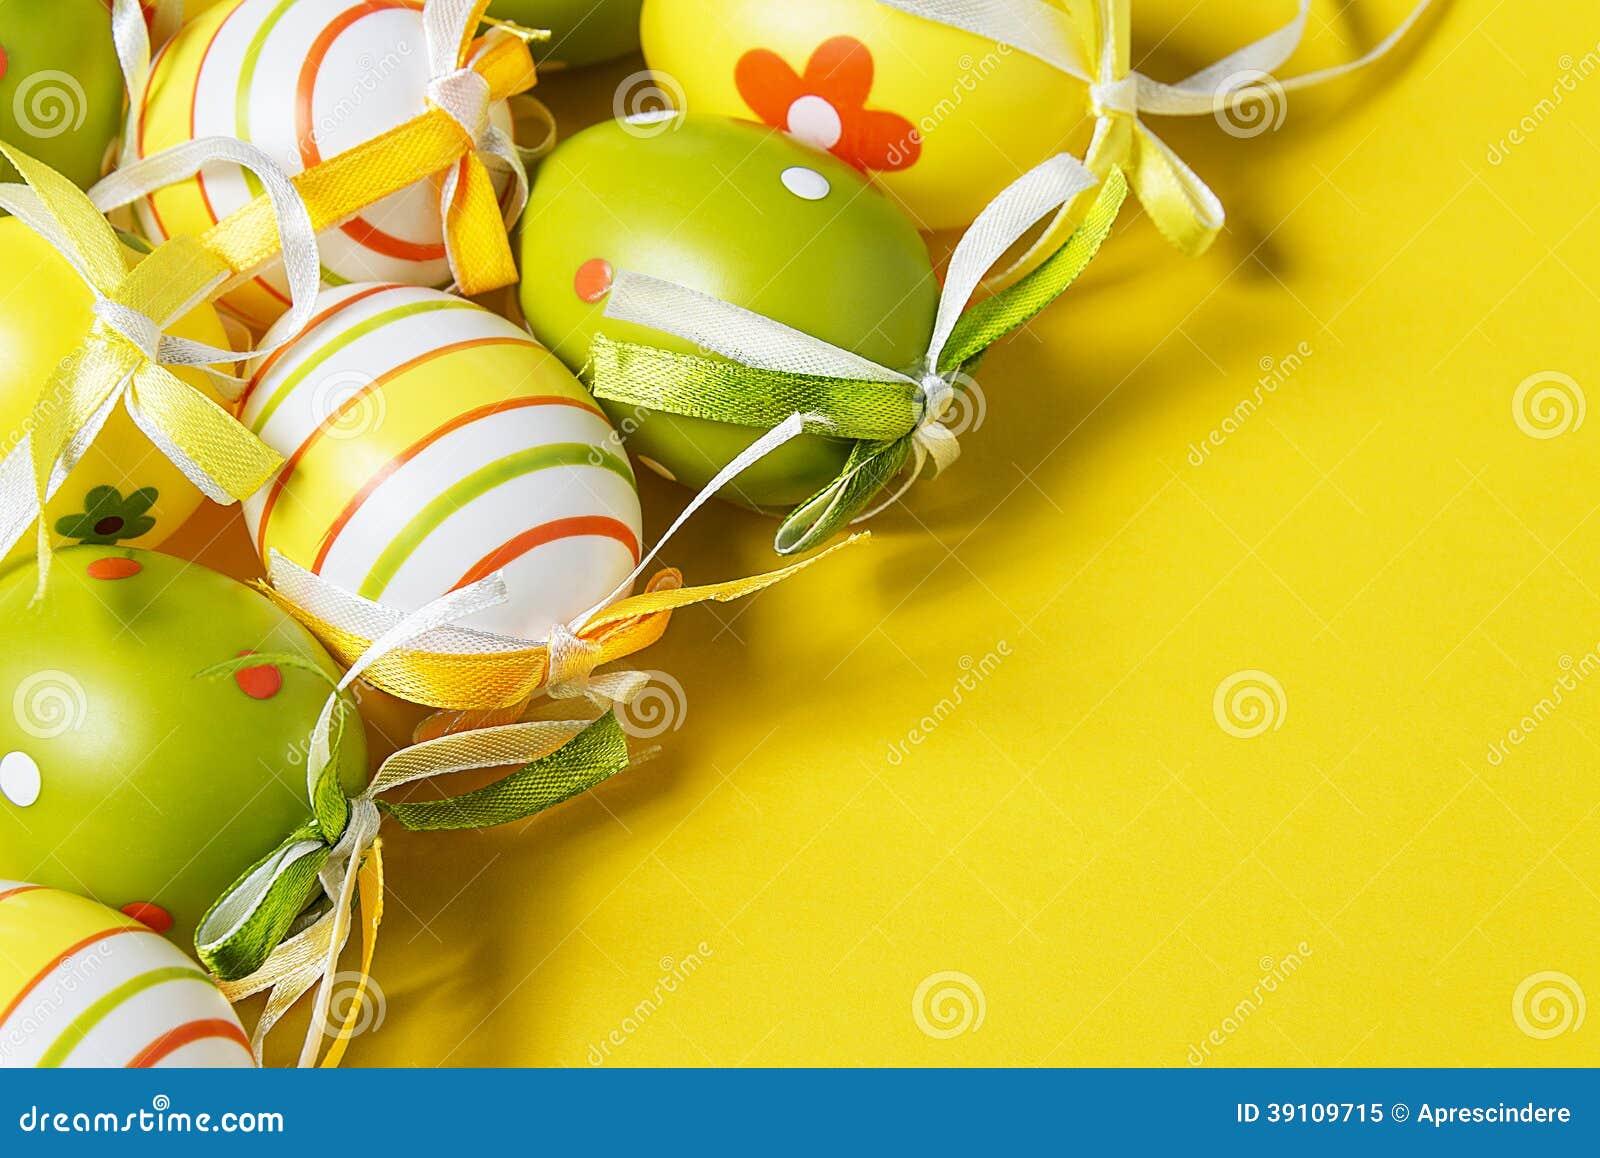 Kleurrijke paaseieren